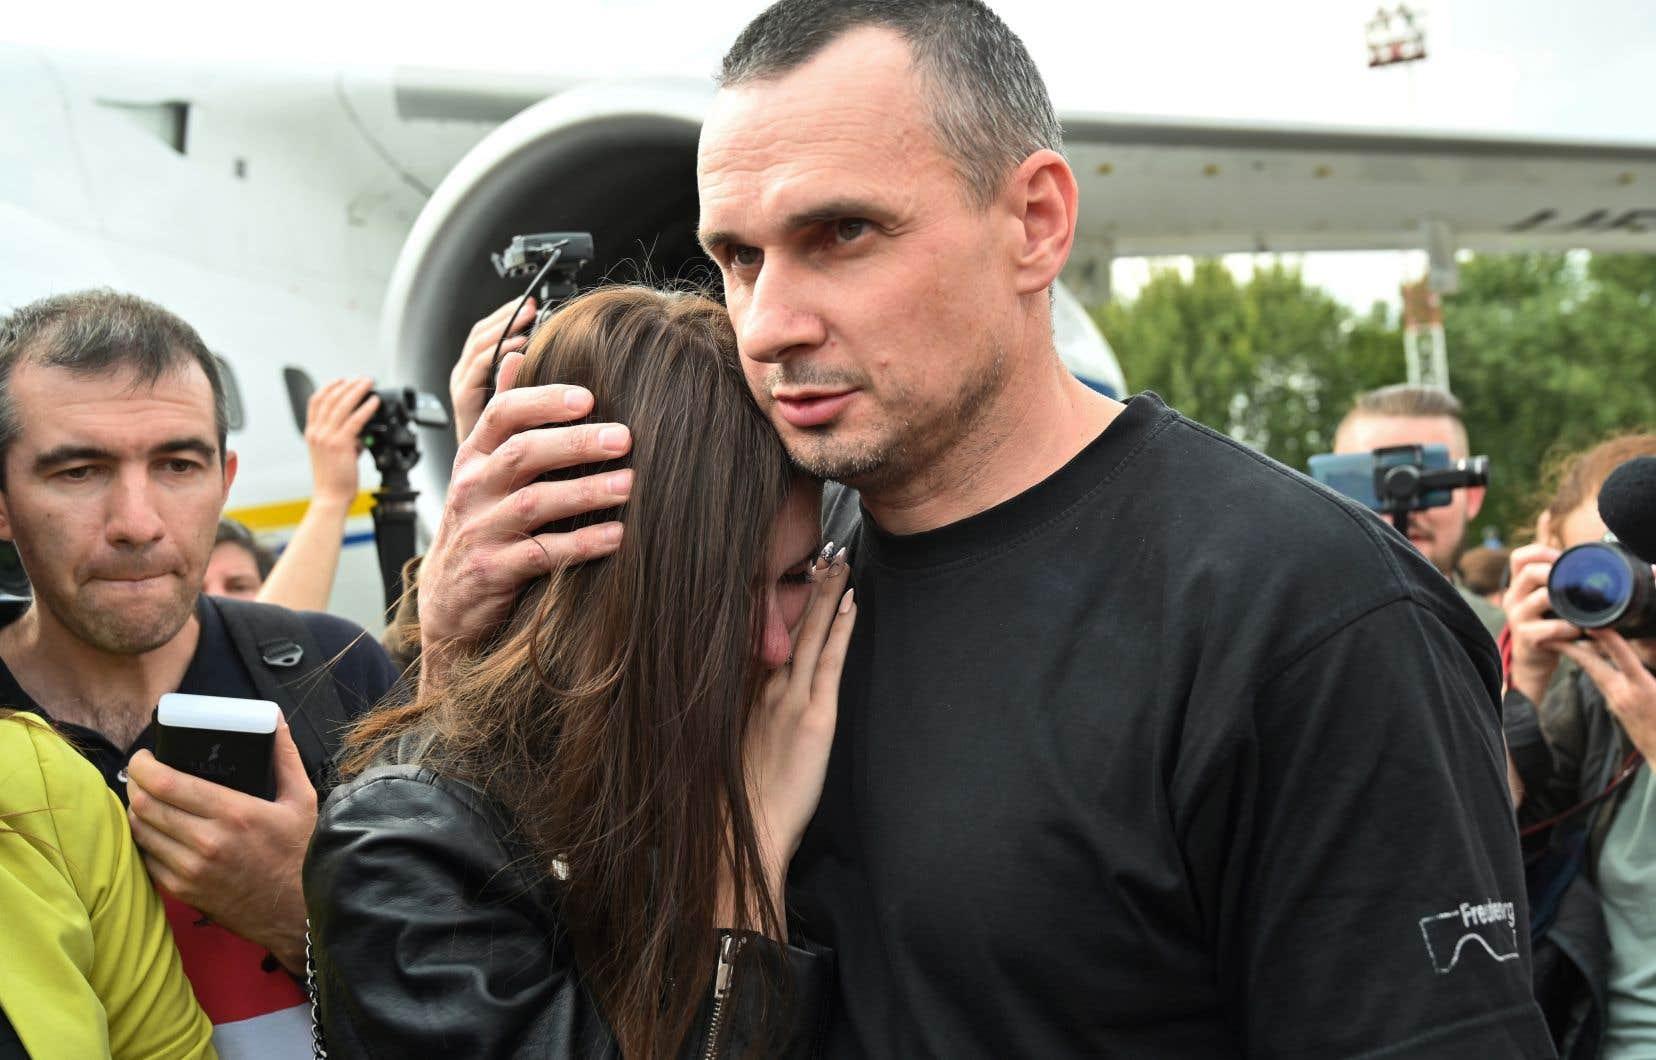 <p>Le cinéaste ukrainien Oleg Sentsov, dont la libération était exigée par la communauté internationale, a été libéré parmi les 70 ex-prisonniers. Il était enfermé depuis 2014après avoir protesté contre l'annexion de la Crimée.</p>